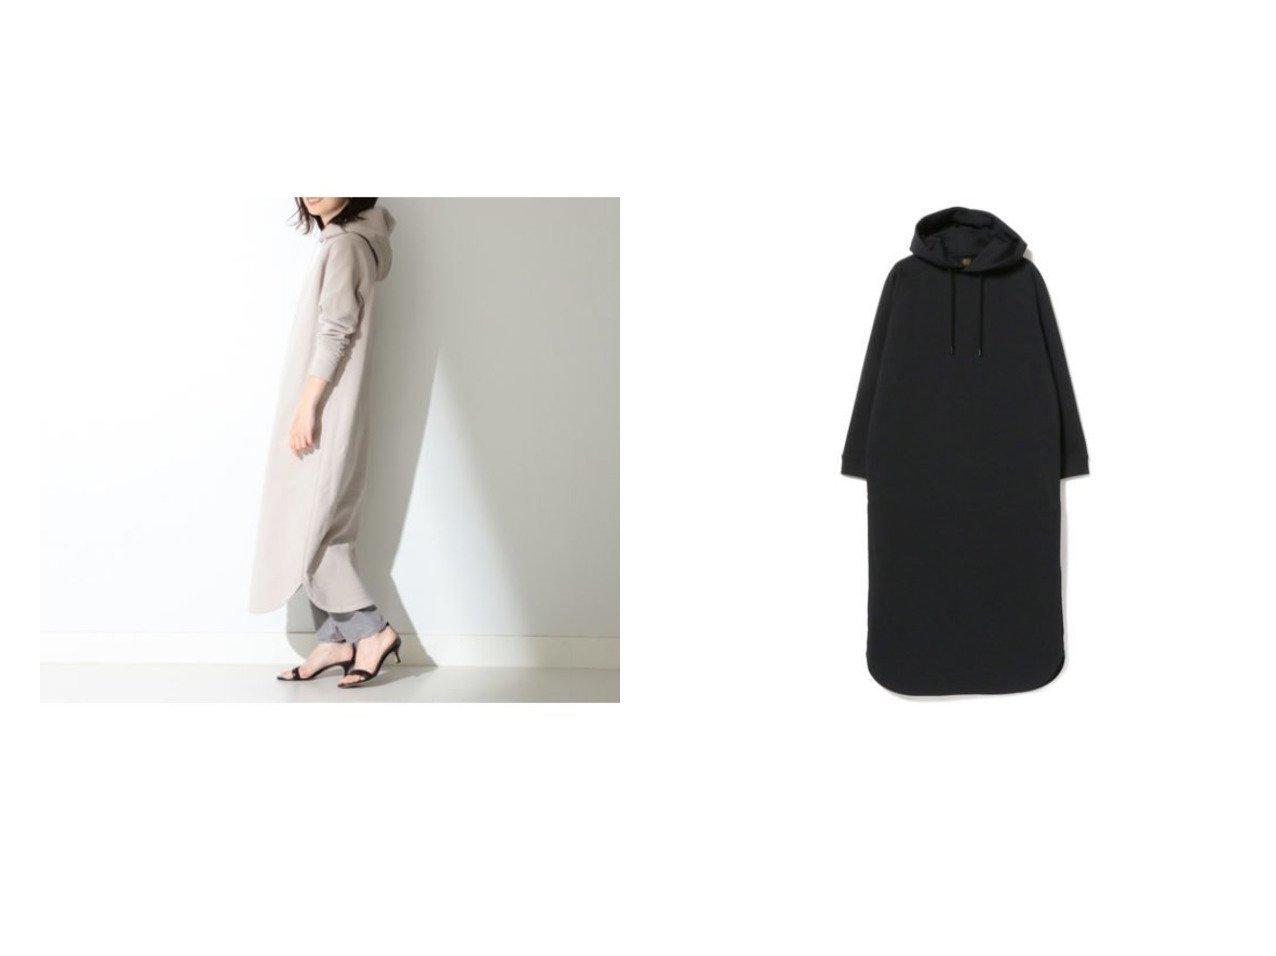 【Demi-Luxe BEAMS/デミルクス ビームス】のパーカ ワンピース BEAMSのおすすめ!人気、トレンド・レディースファッションの通販 おすすめで人気の流行・トレンド、ファッションの通販商品 メンズファッション・キッズファッション・インテリア・家具・レディースファッション・服の通販 founy(ファニー) https://founy.com/ ファッション Fashion レディースファッション WOMEN ワンピース Dress シンプル 定番 Standard レギンス |ID:crp329100000017091